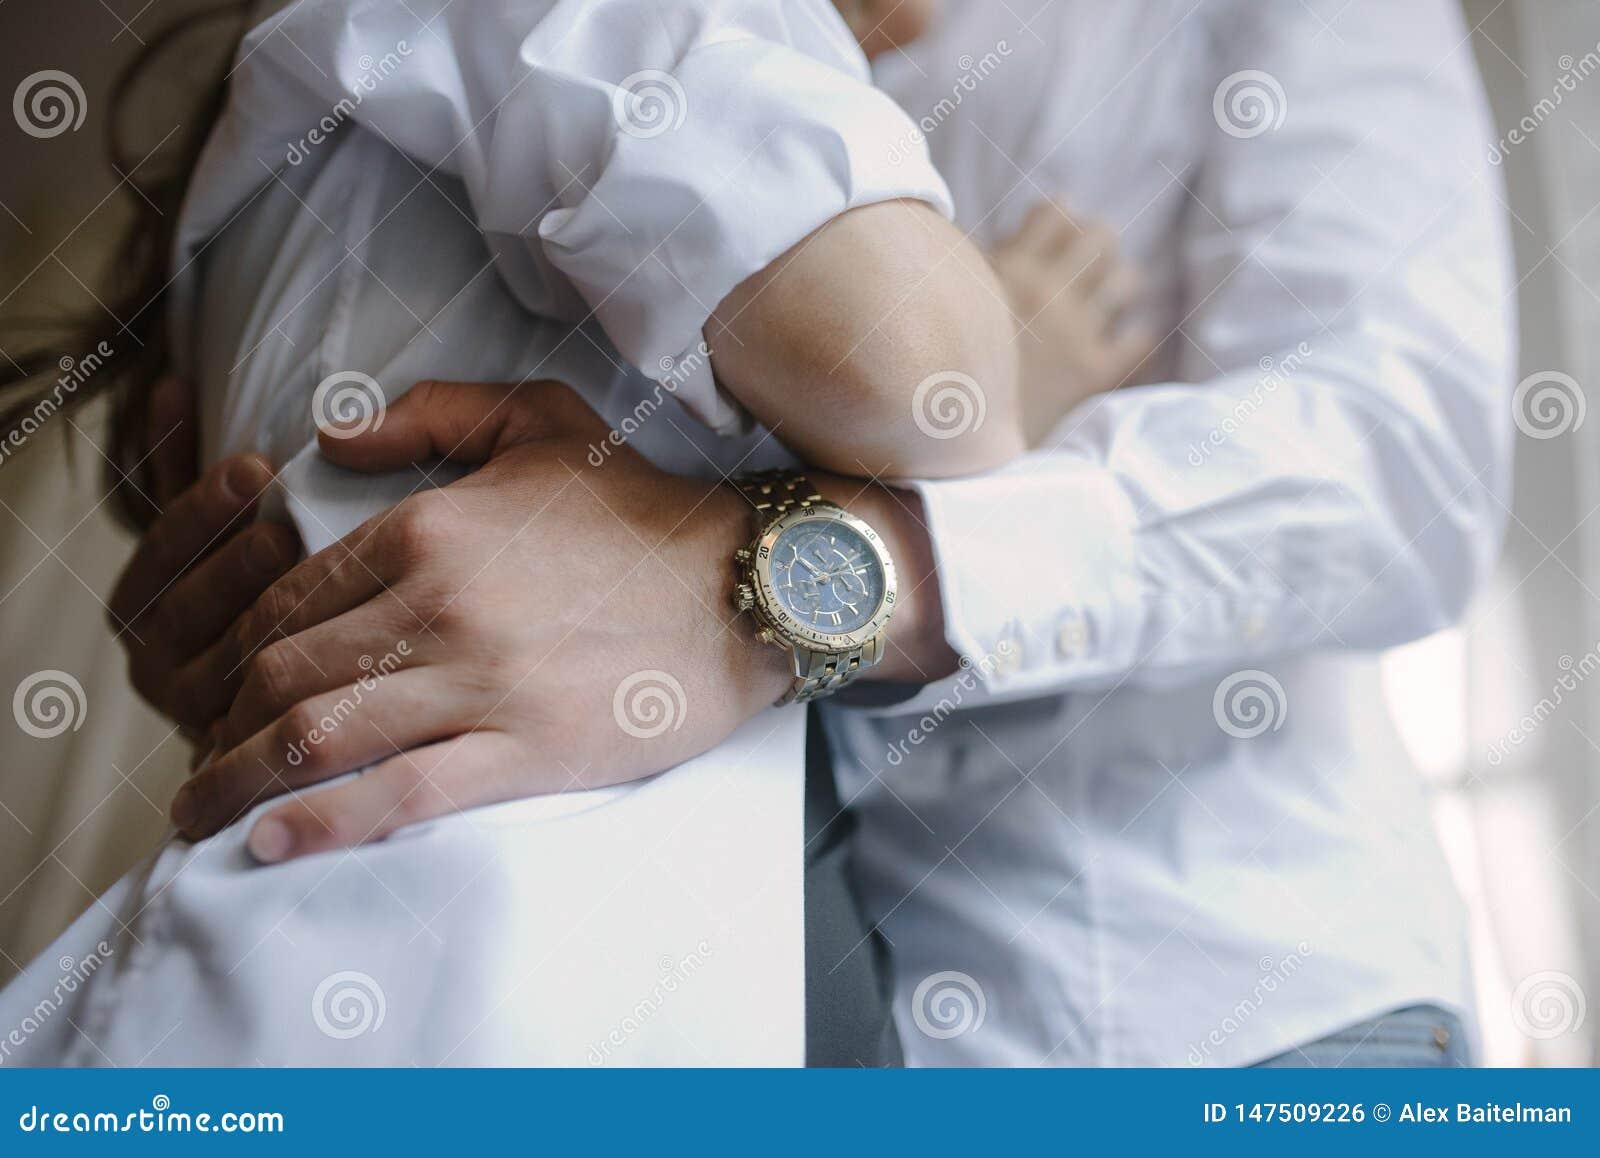 衣服的新郎拥抱婚纱的新娘